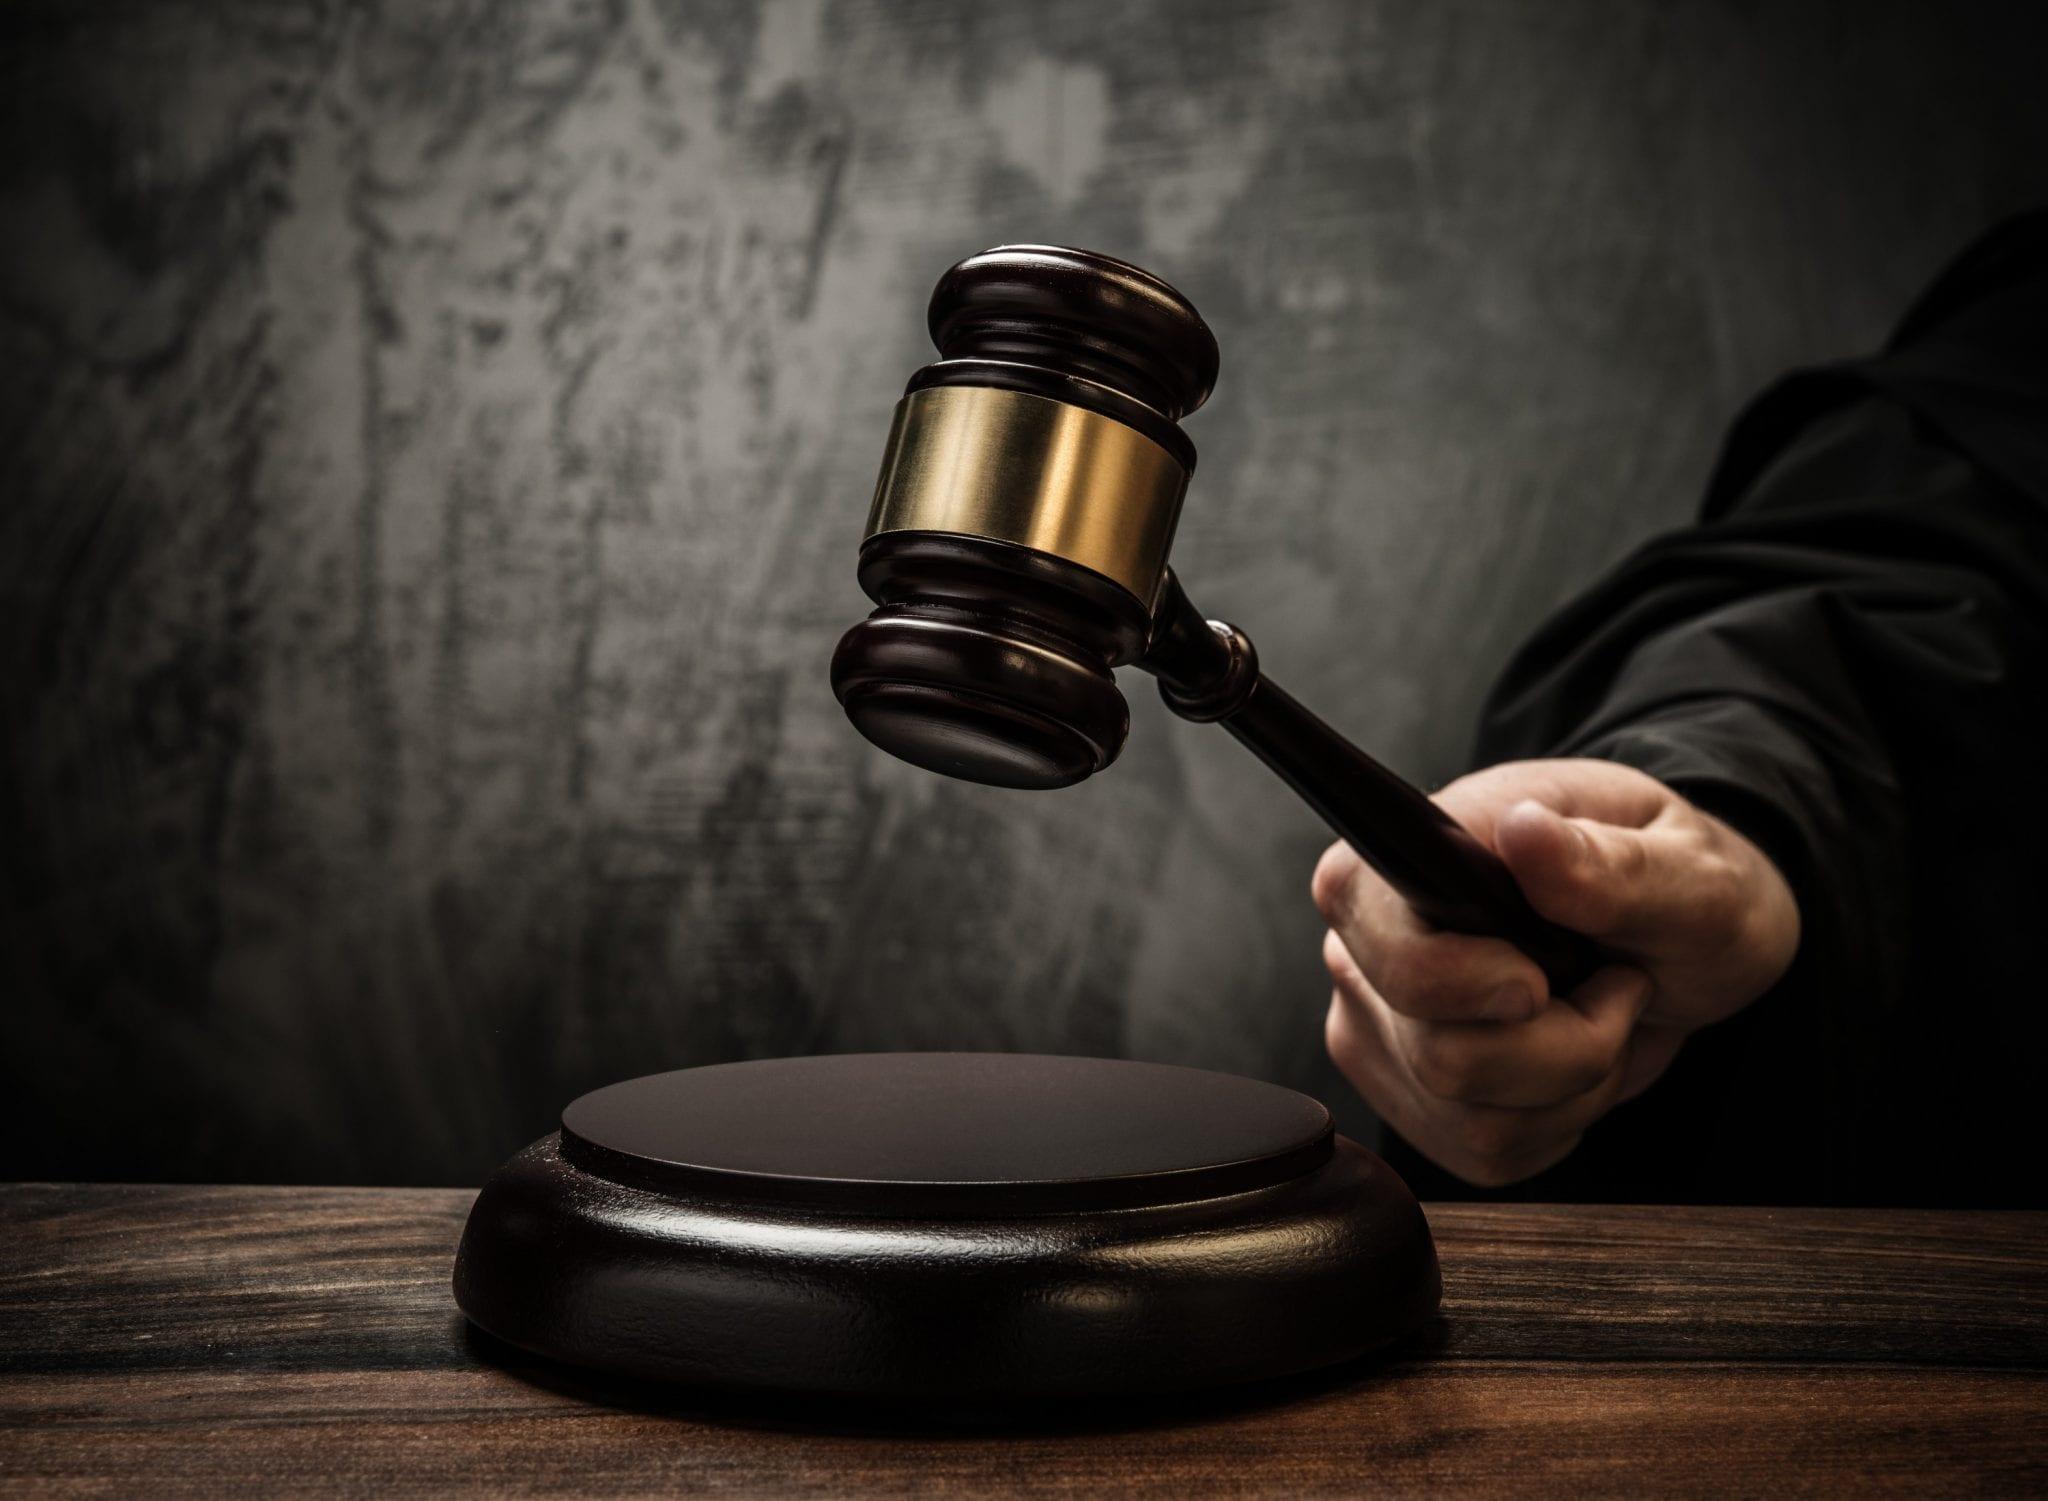 vocabulario crímenes y justicia en inglés